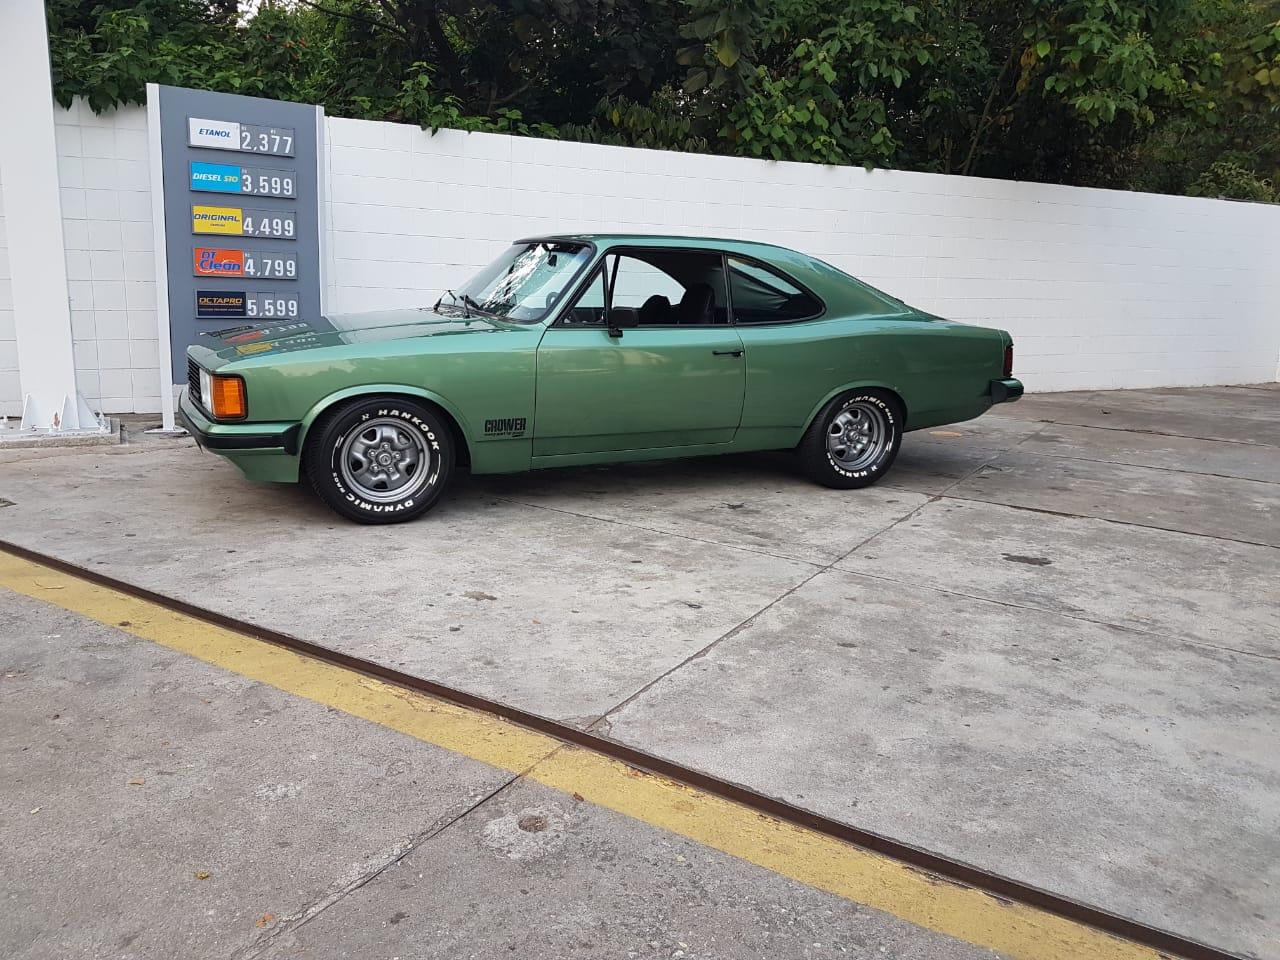 Associado Clube do Opala SP - Opala 1980 Verde Samanbaia - 6 Cilindros 4100 250-S